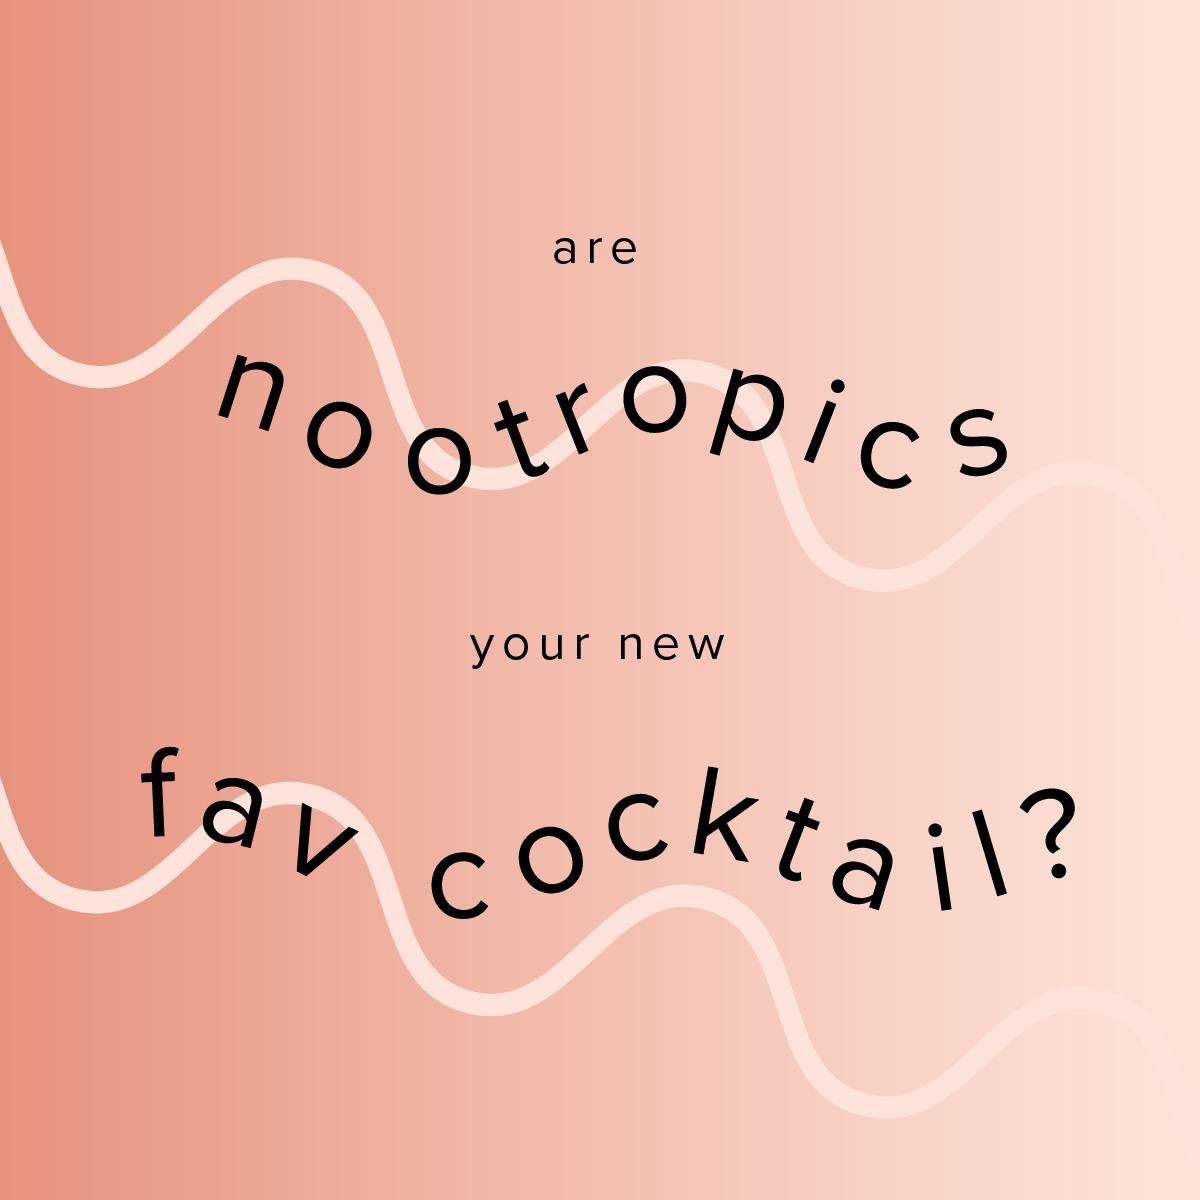 nootropics.png